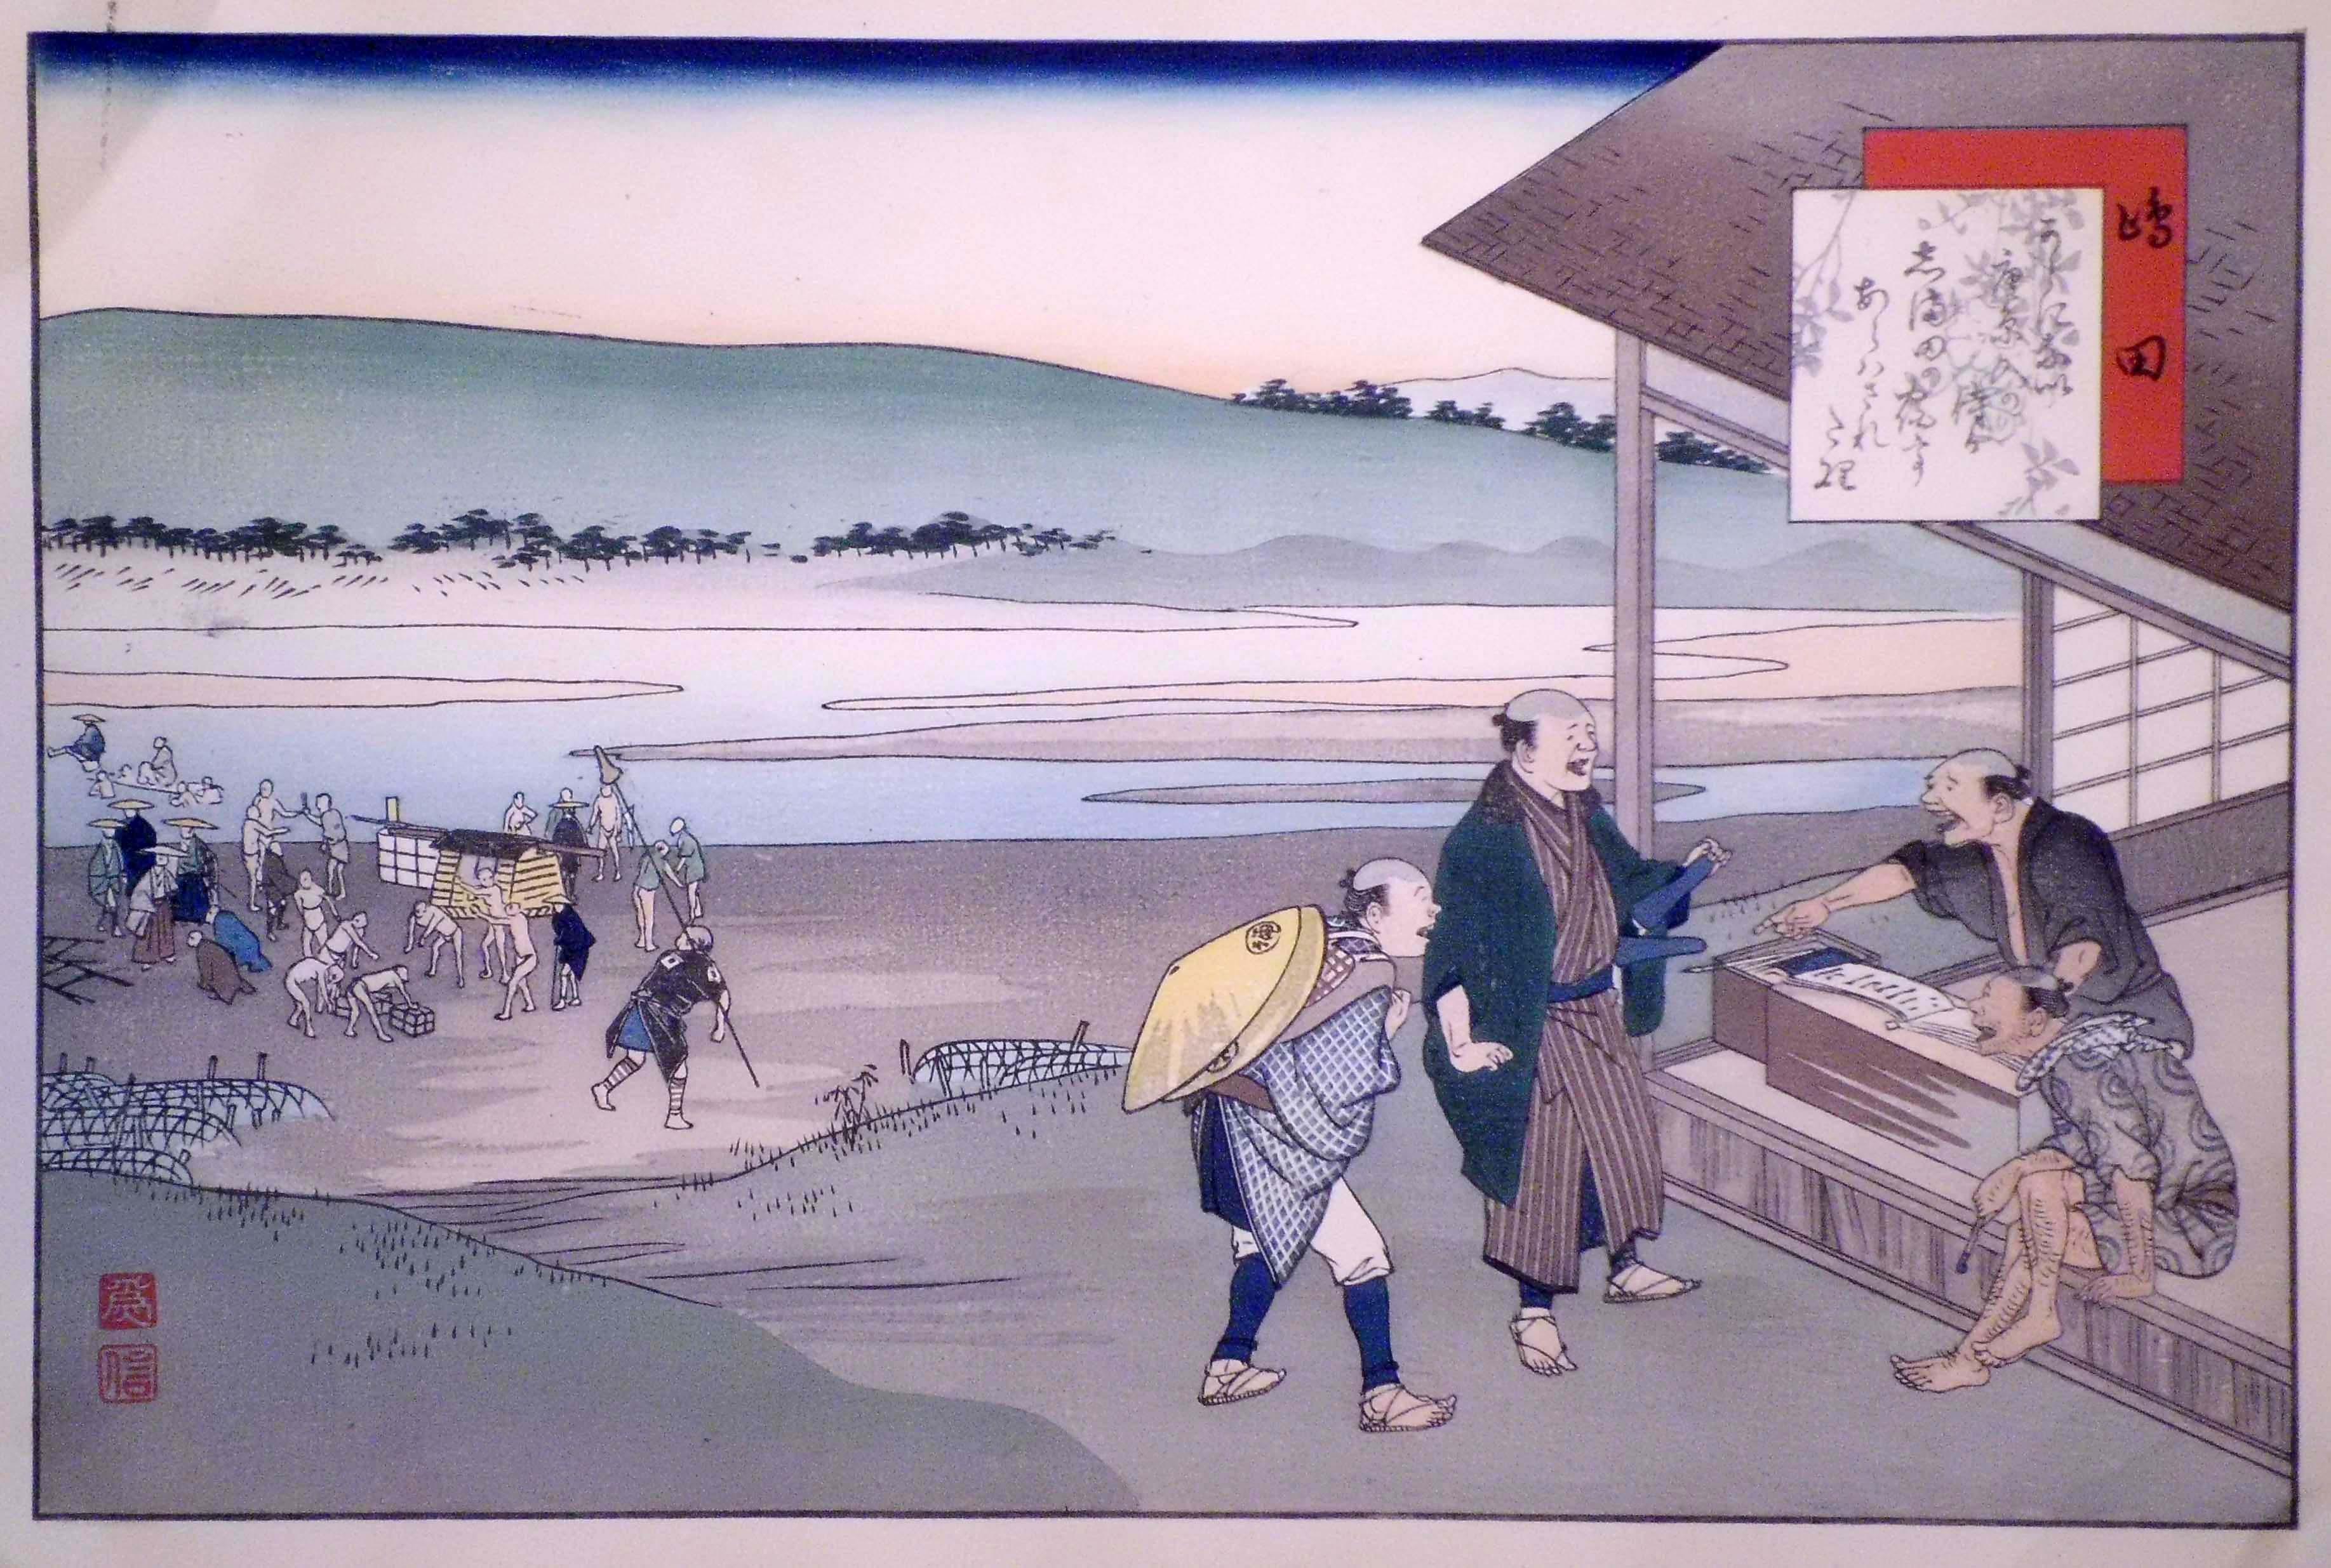 Fujikawa TAMENOBU (attivo nel 1890/1914) – SHIMADA, VENTITREESIMA STAZIONE DELLA TOKAIDO